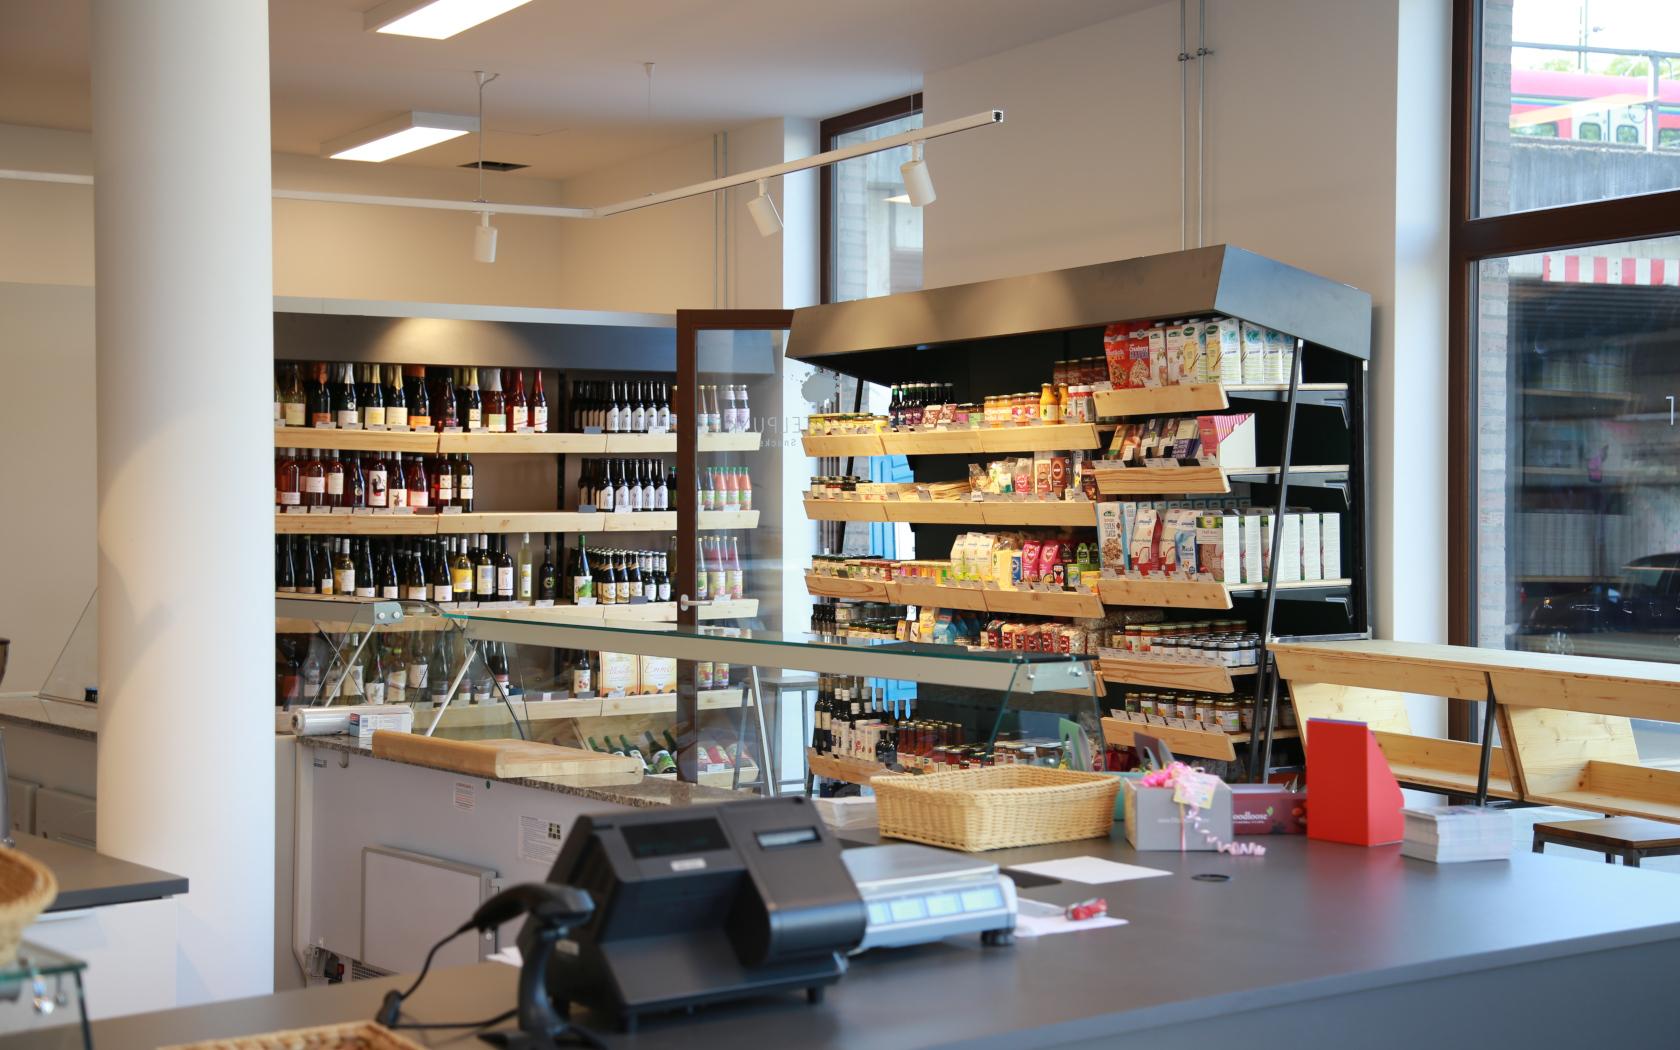 lebensmittelpunkt, keinStil.GmbH, Feine Kost, Bioladen, low budget interieur, Frankfurt am Main Sachsenhausen